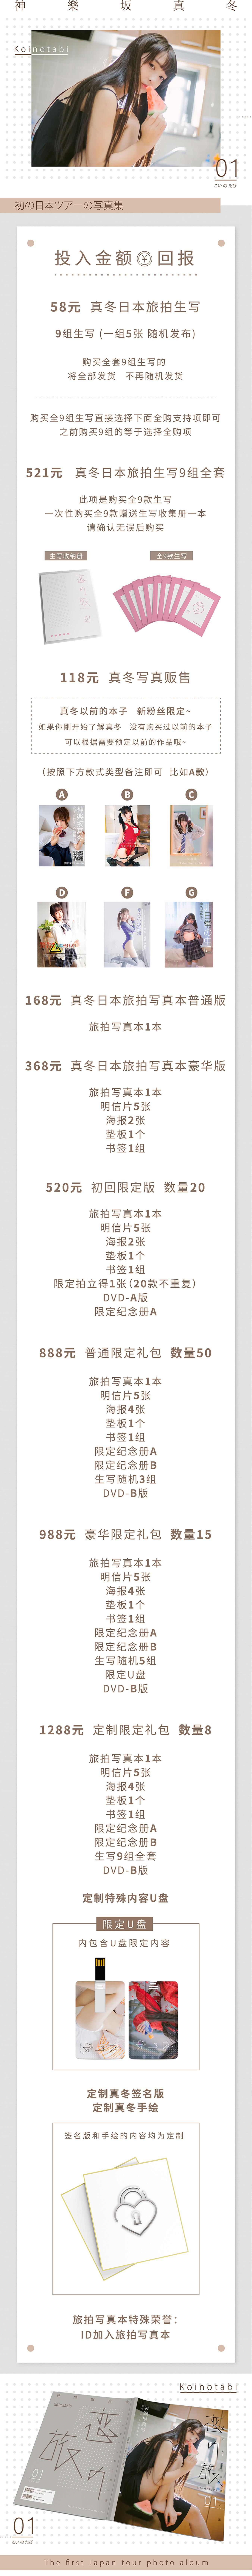 回报档-02s.jpg